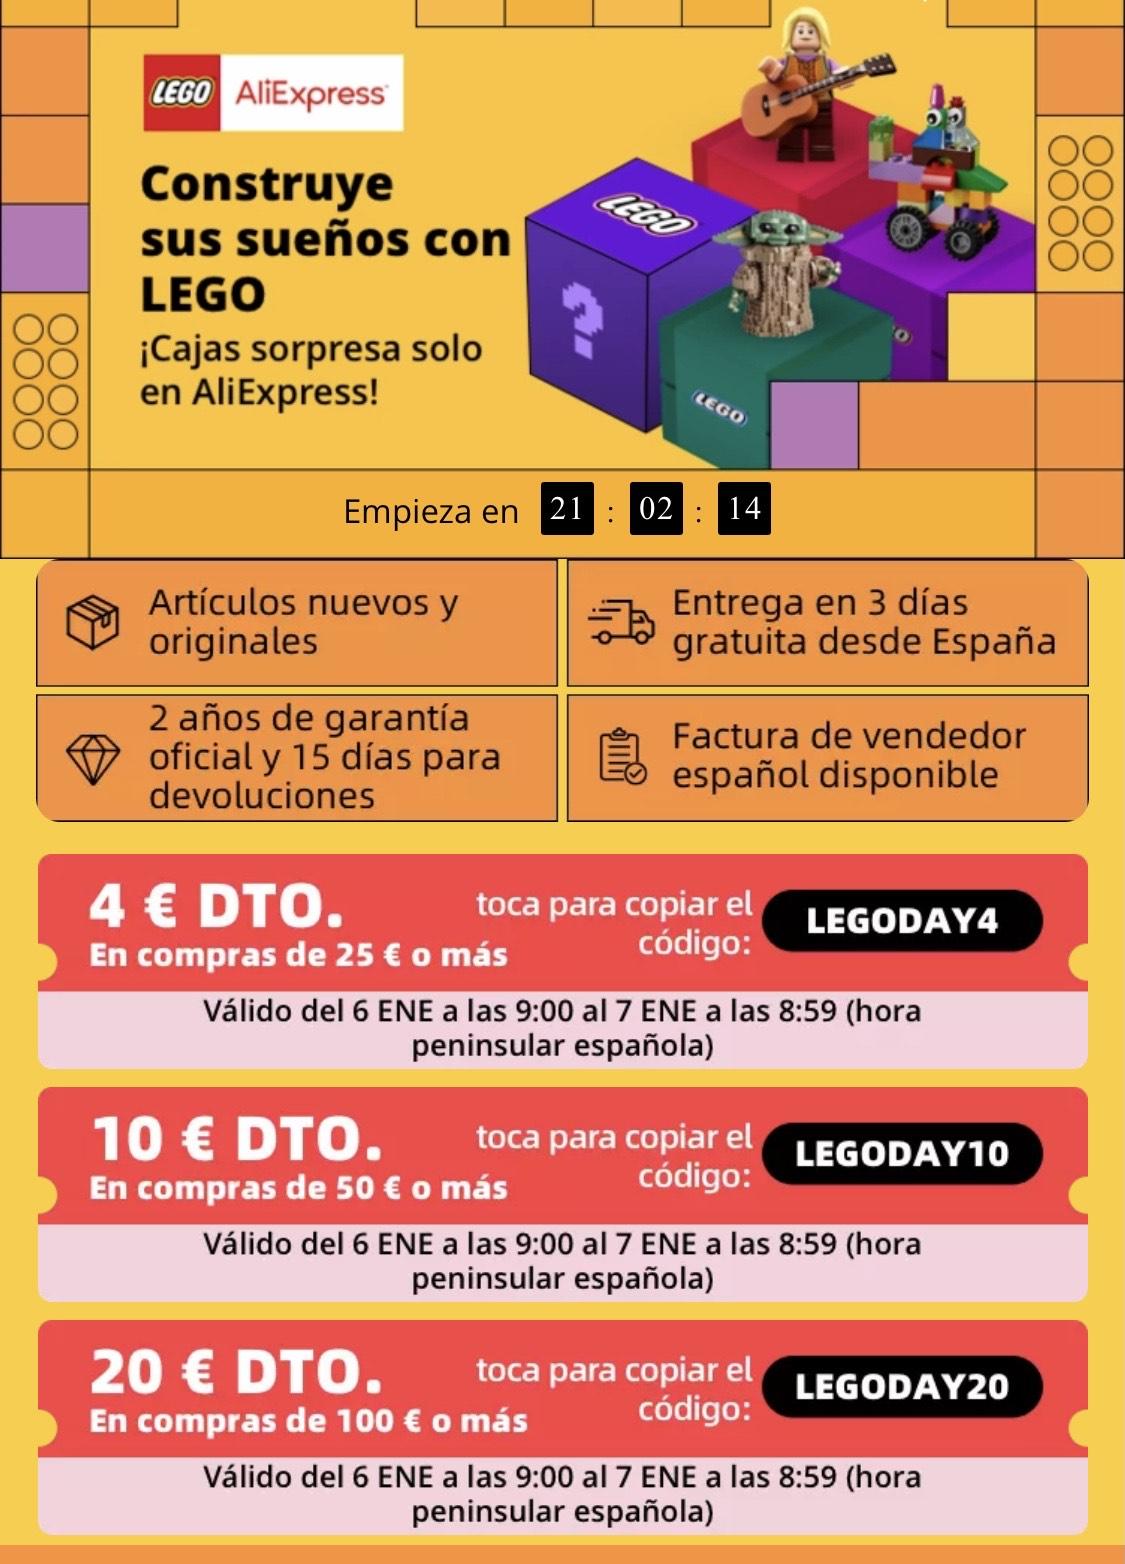 CUPONES DESCUENTO LEGO ALIEXPRESS (-4€, -10€, -20€)